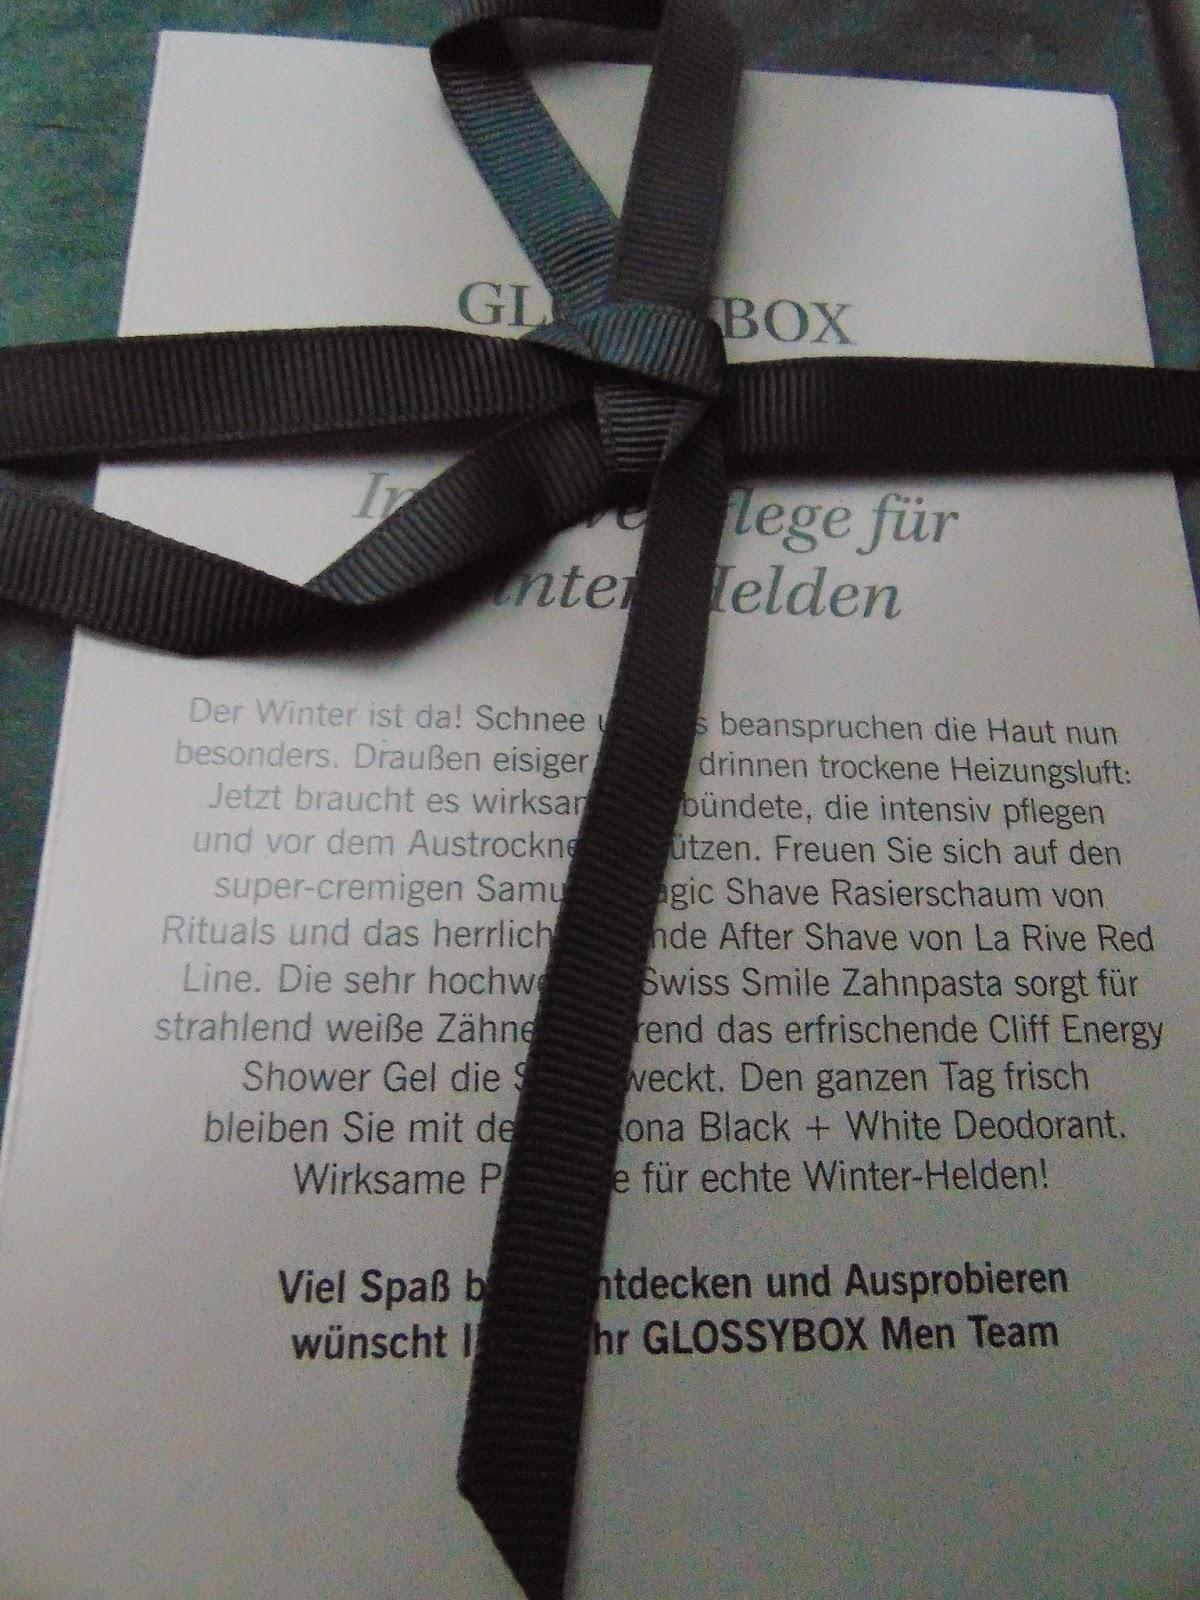 Glossy Box Men - Intensive Pflege für Winter-Helden - www.annitschkasblog.de